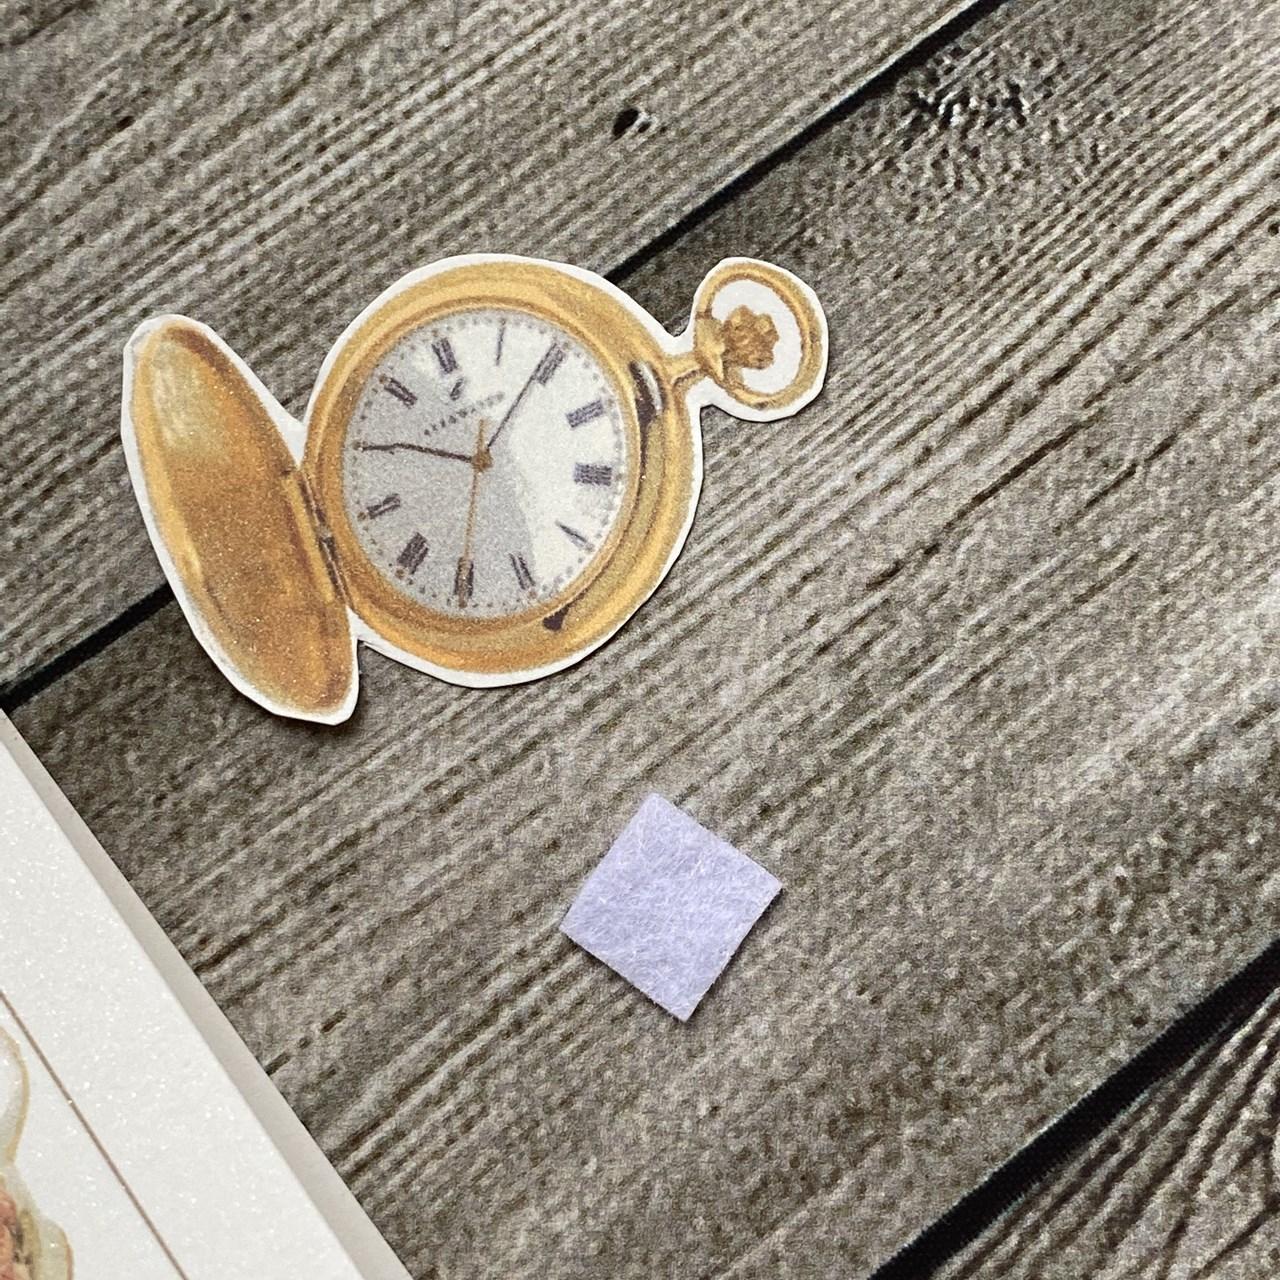 時計を立体的にするためのフェルト